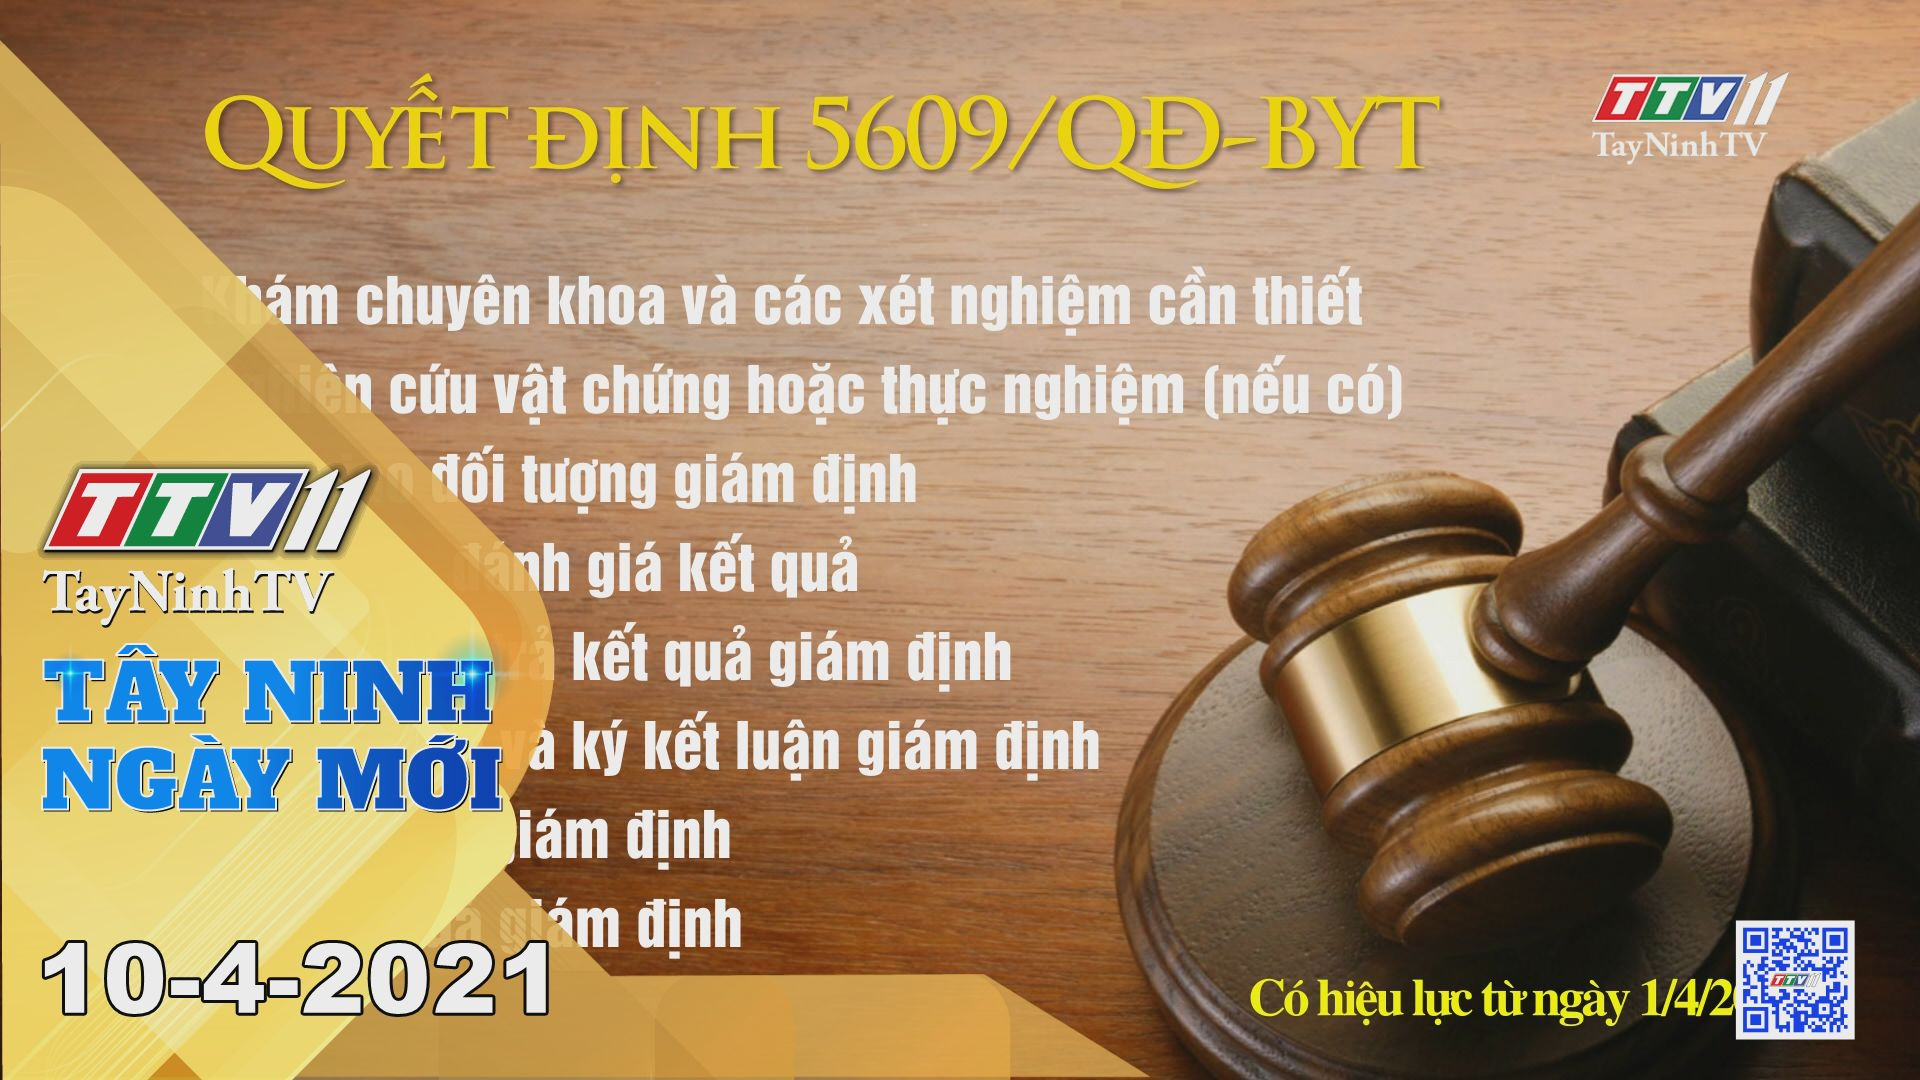 Tây Ninh Ngày Mới 10-4-2021 | Tin tức hôm nay | TayNinhTV